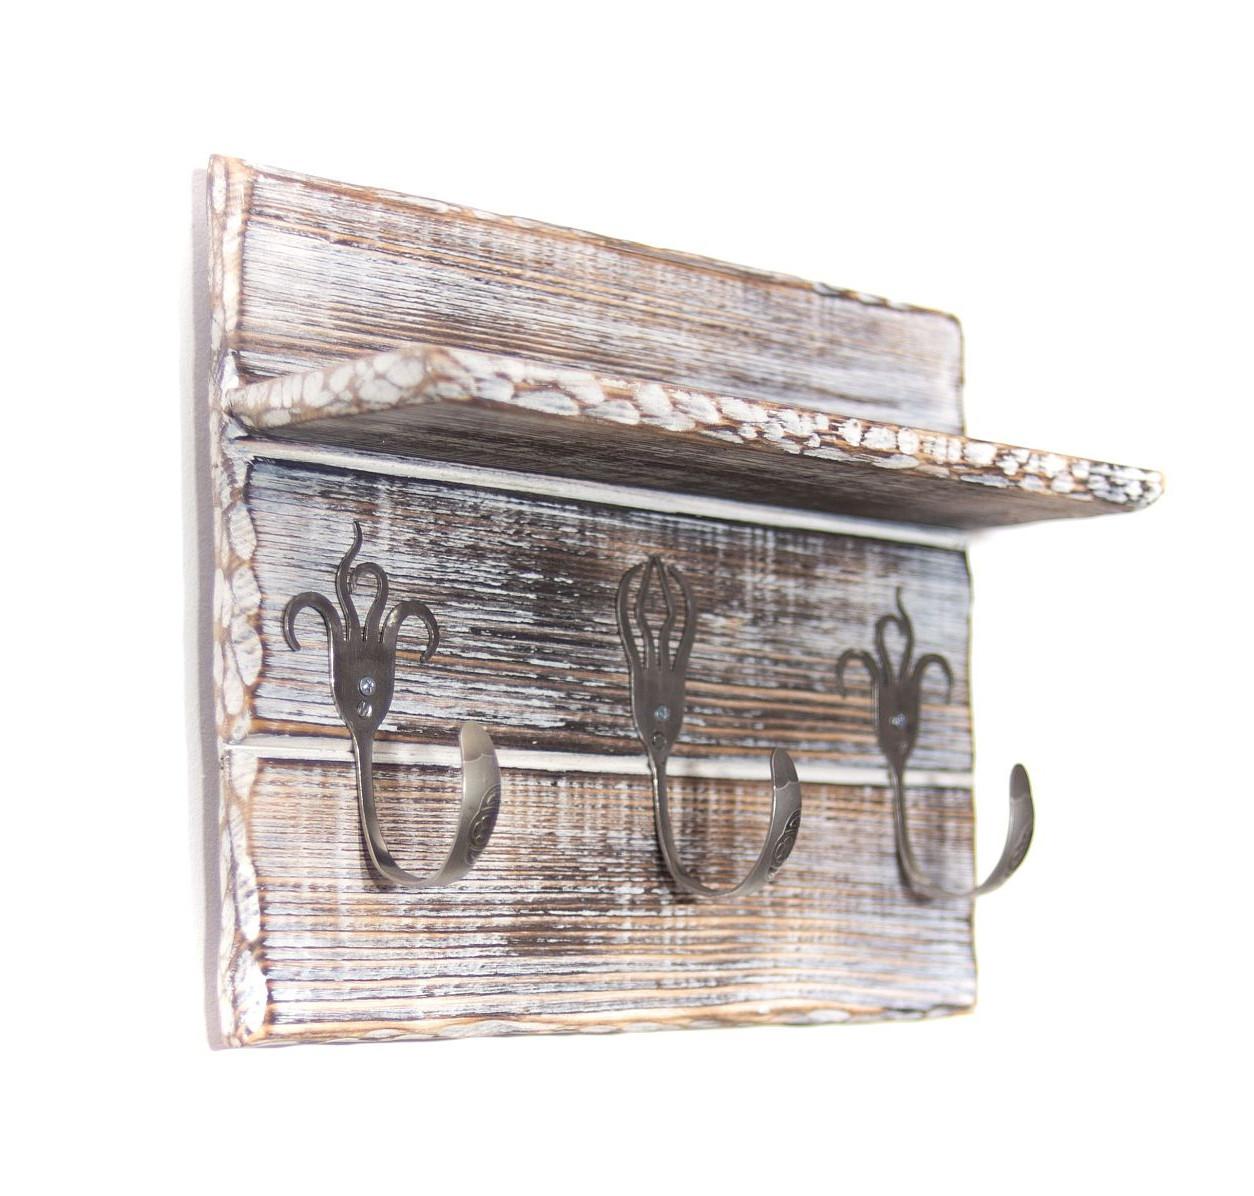 Full Size of Handtuchhalter Für Küche Dandibo Handtuchhaken Handtuchleiste Mit Ablage 1105 Arbeitsplatte Kräutergarten Anrichte Led Panel Outdoor Kaufen Einzelschränke Wohnzimmer Handtuchhalter Für Küche